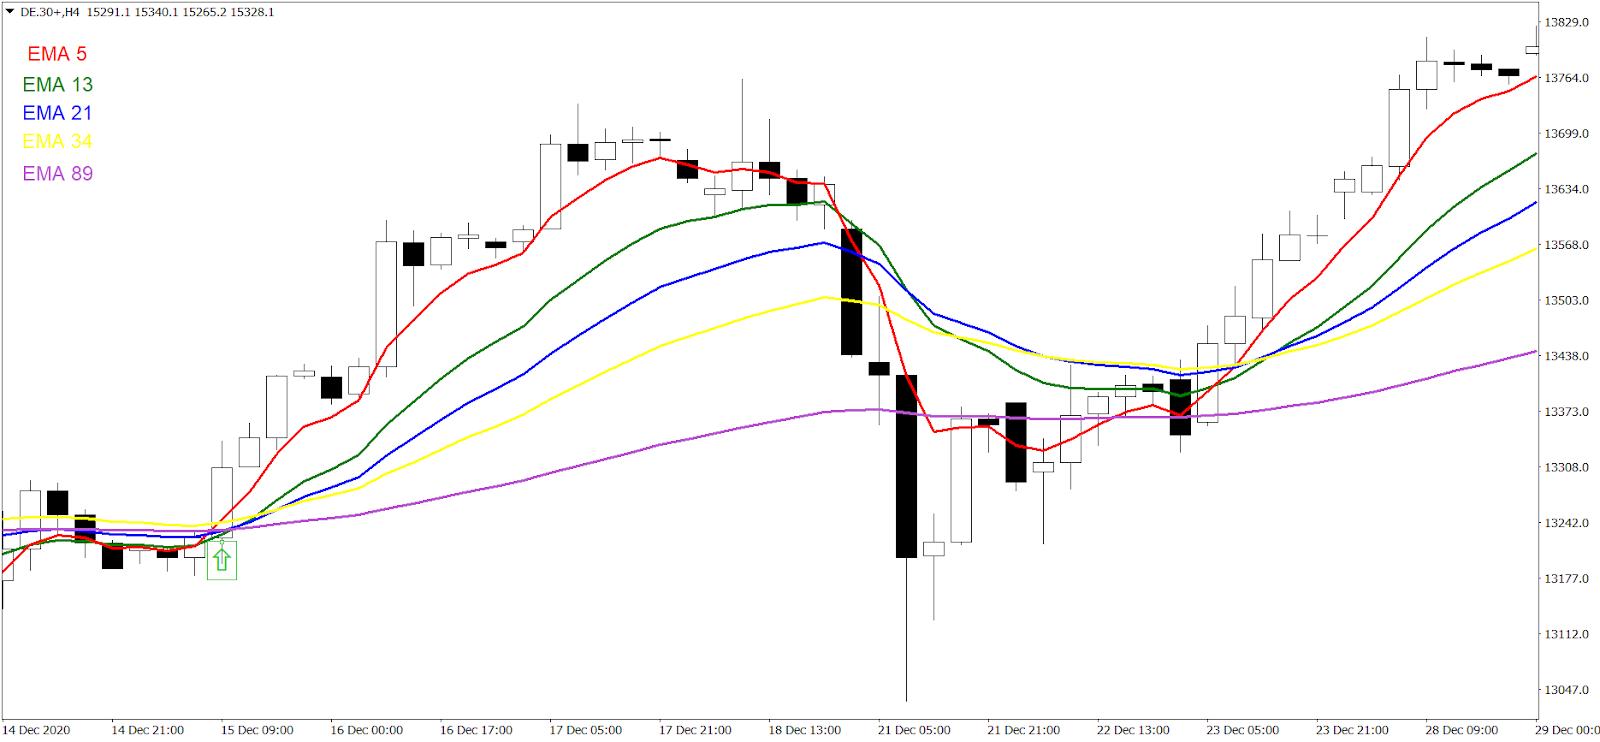 Wejście w pozycje długą - Swing Trading z wykorzystaniem wielu średnich kroczących